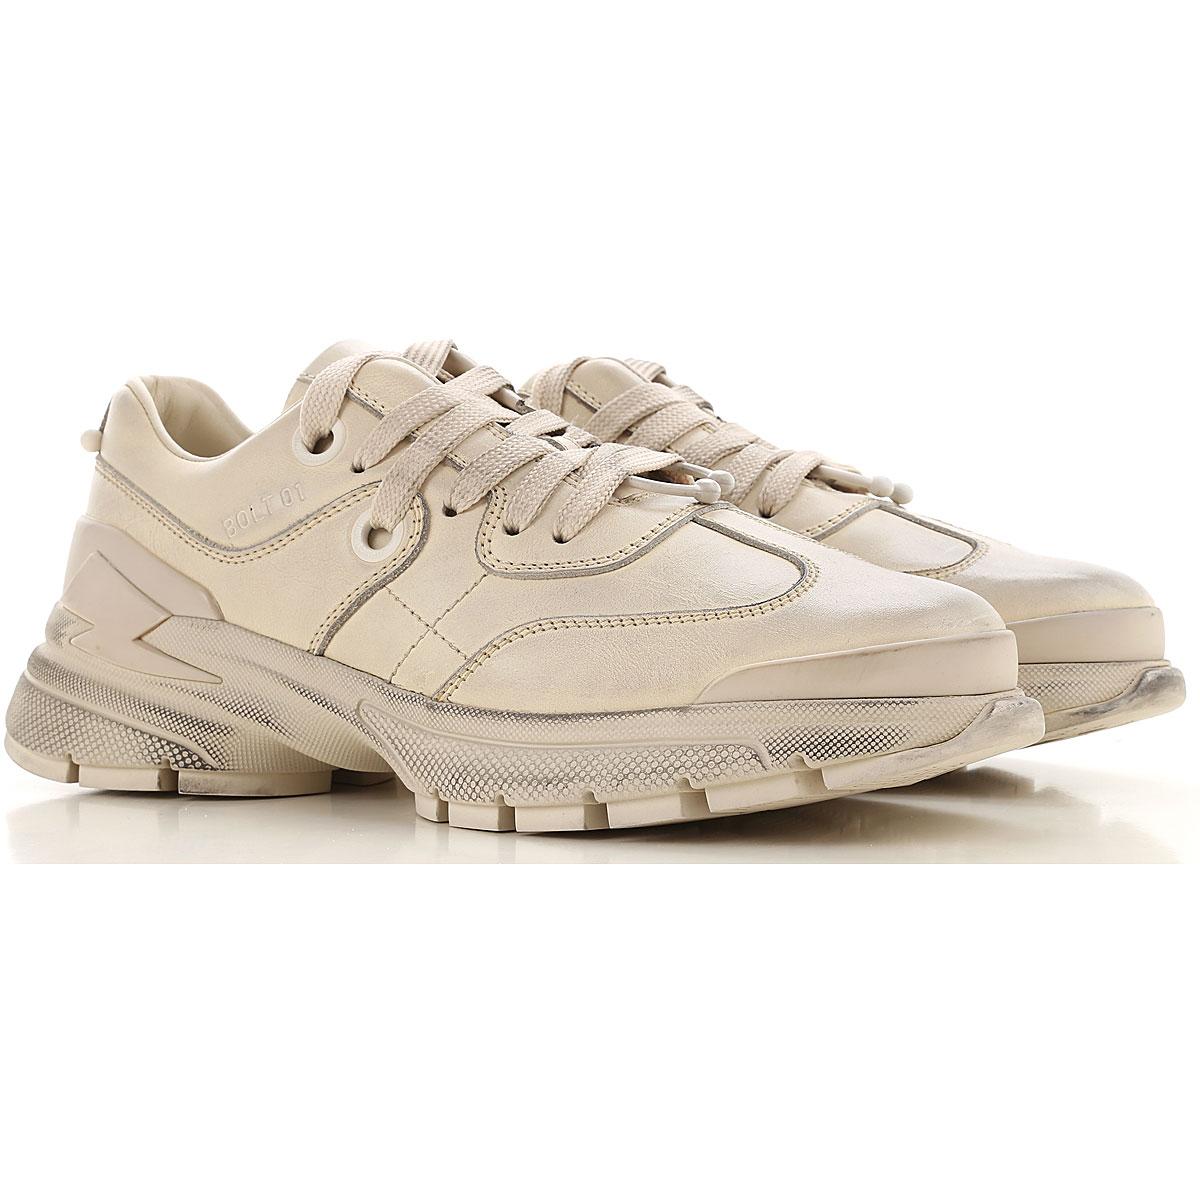 Neil Barrett Sneakers for Men On Sale, Dirty Beige, Leather, 2019, 7 9